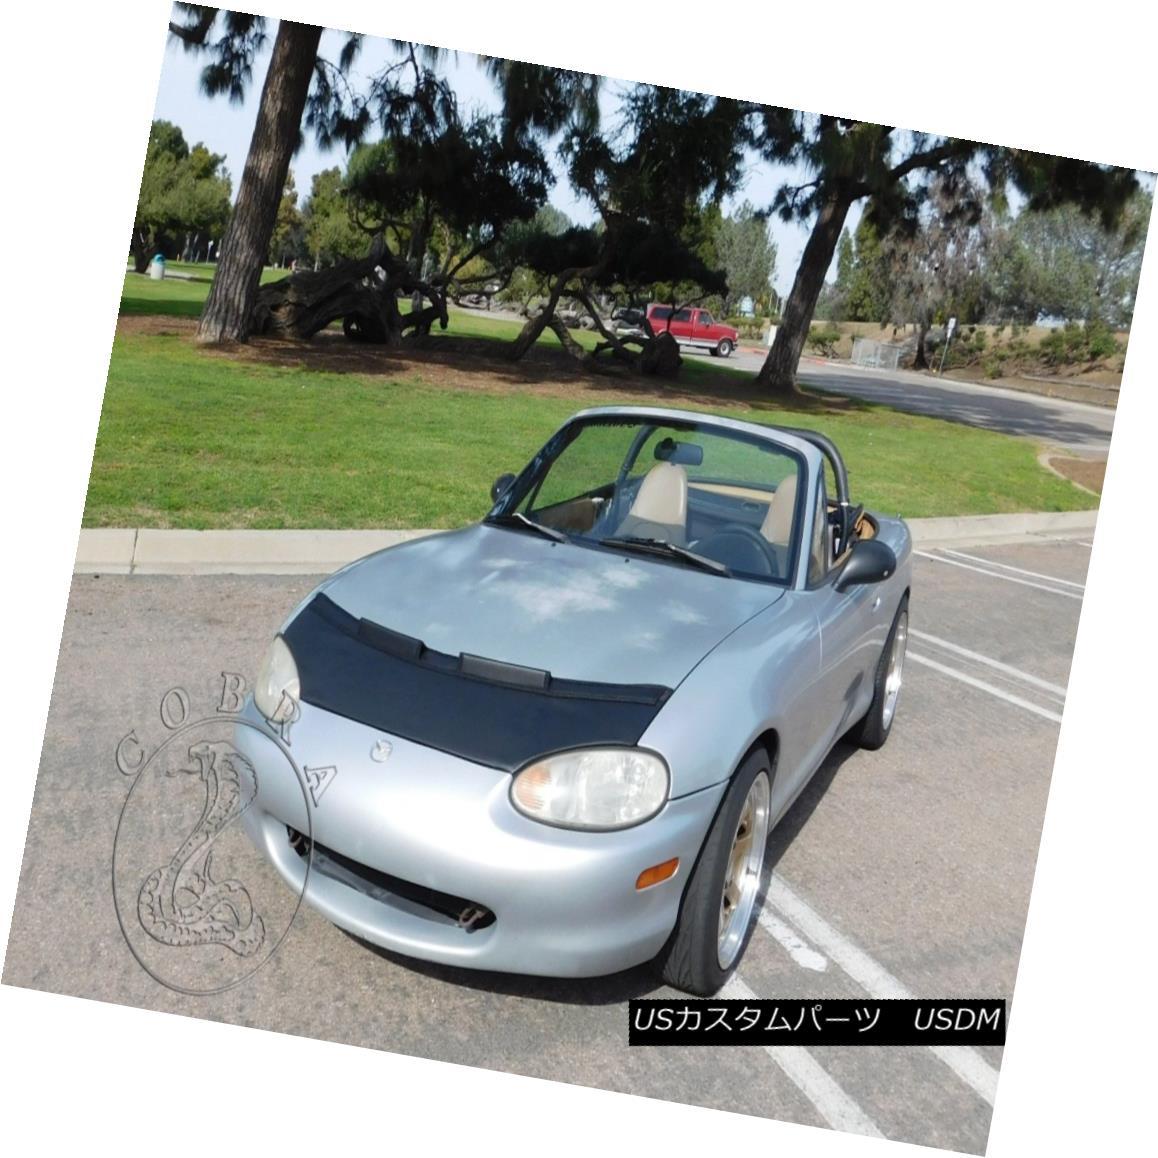 フルブラ ノーズブラ Car Bonnet Mask Hood Bra Fits MAZDA MIATA MX5 1999 2000 2001 2002 2003 2004 2005 カーボンネットマスクフードブラフィットMAZDA MIATA MX5 1999 2000 2001 2002 2003 2004 2005